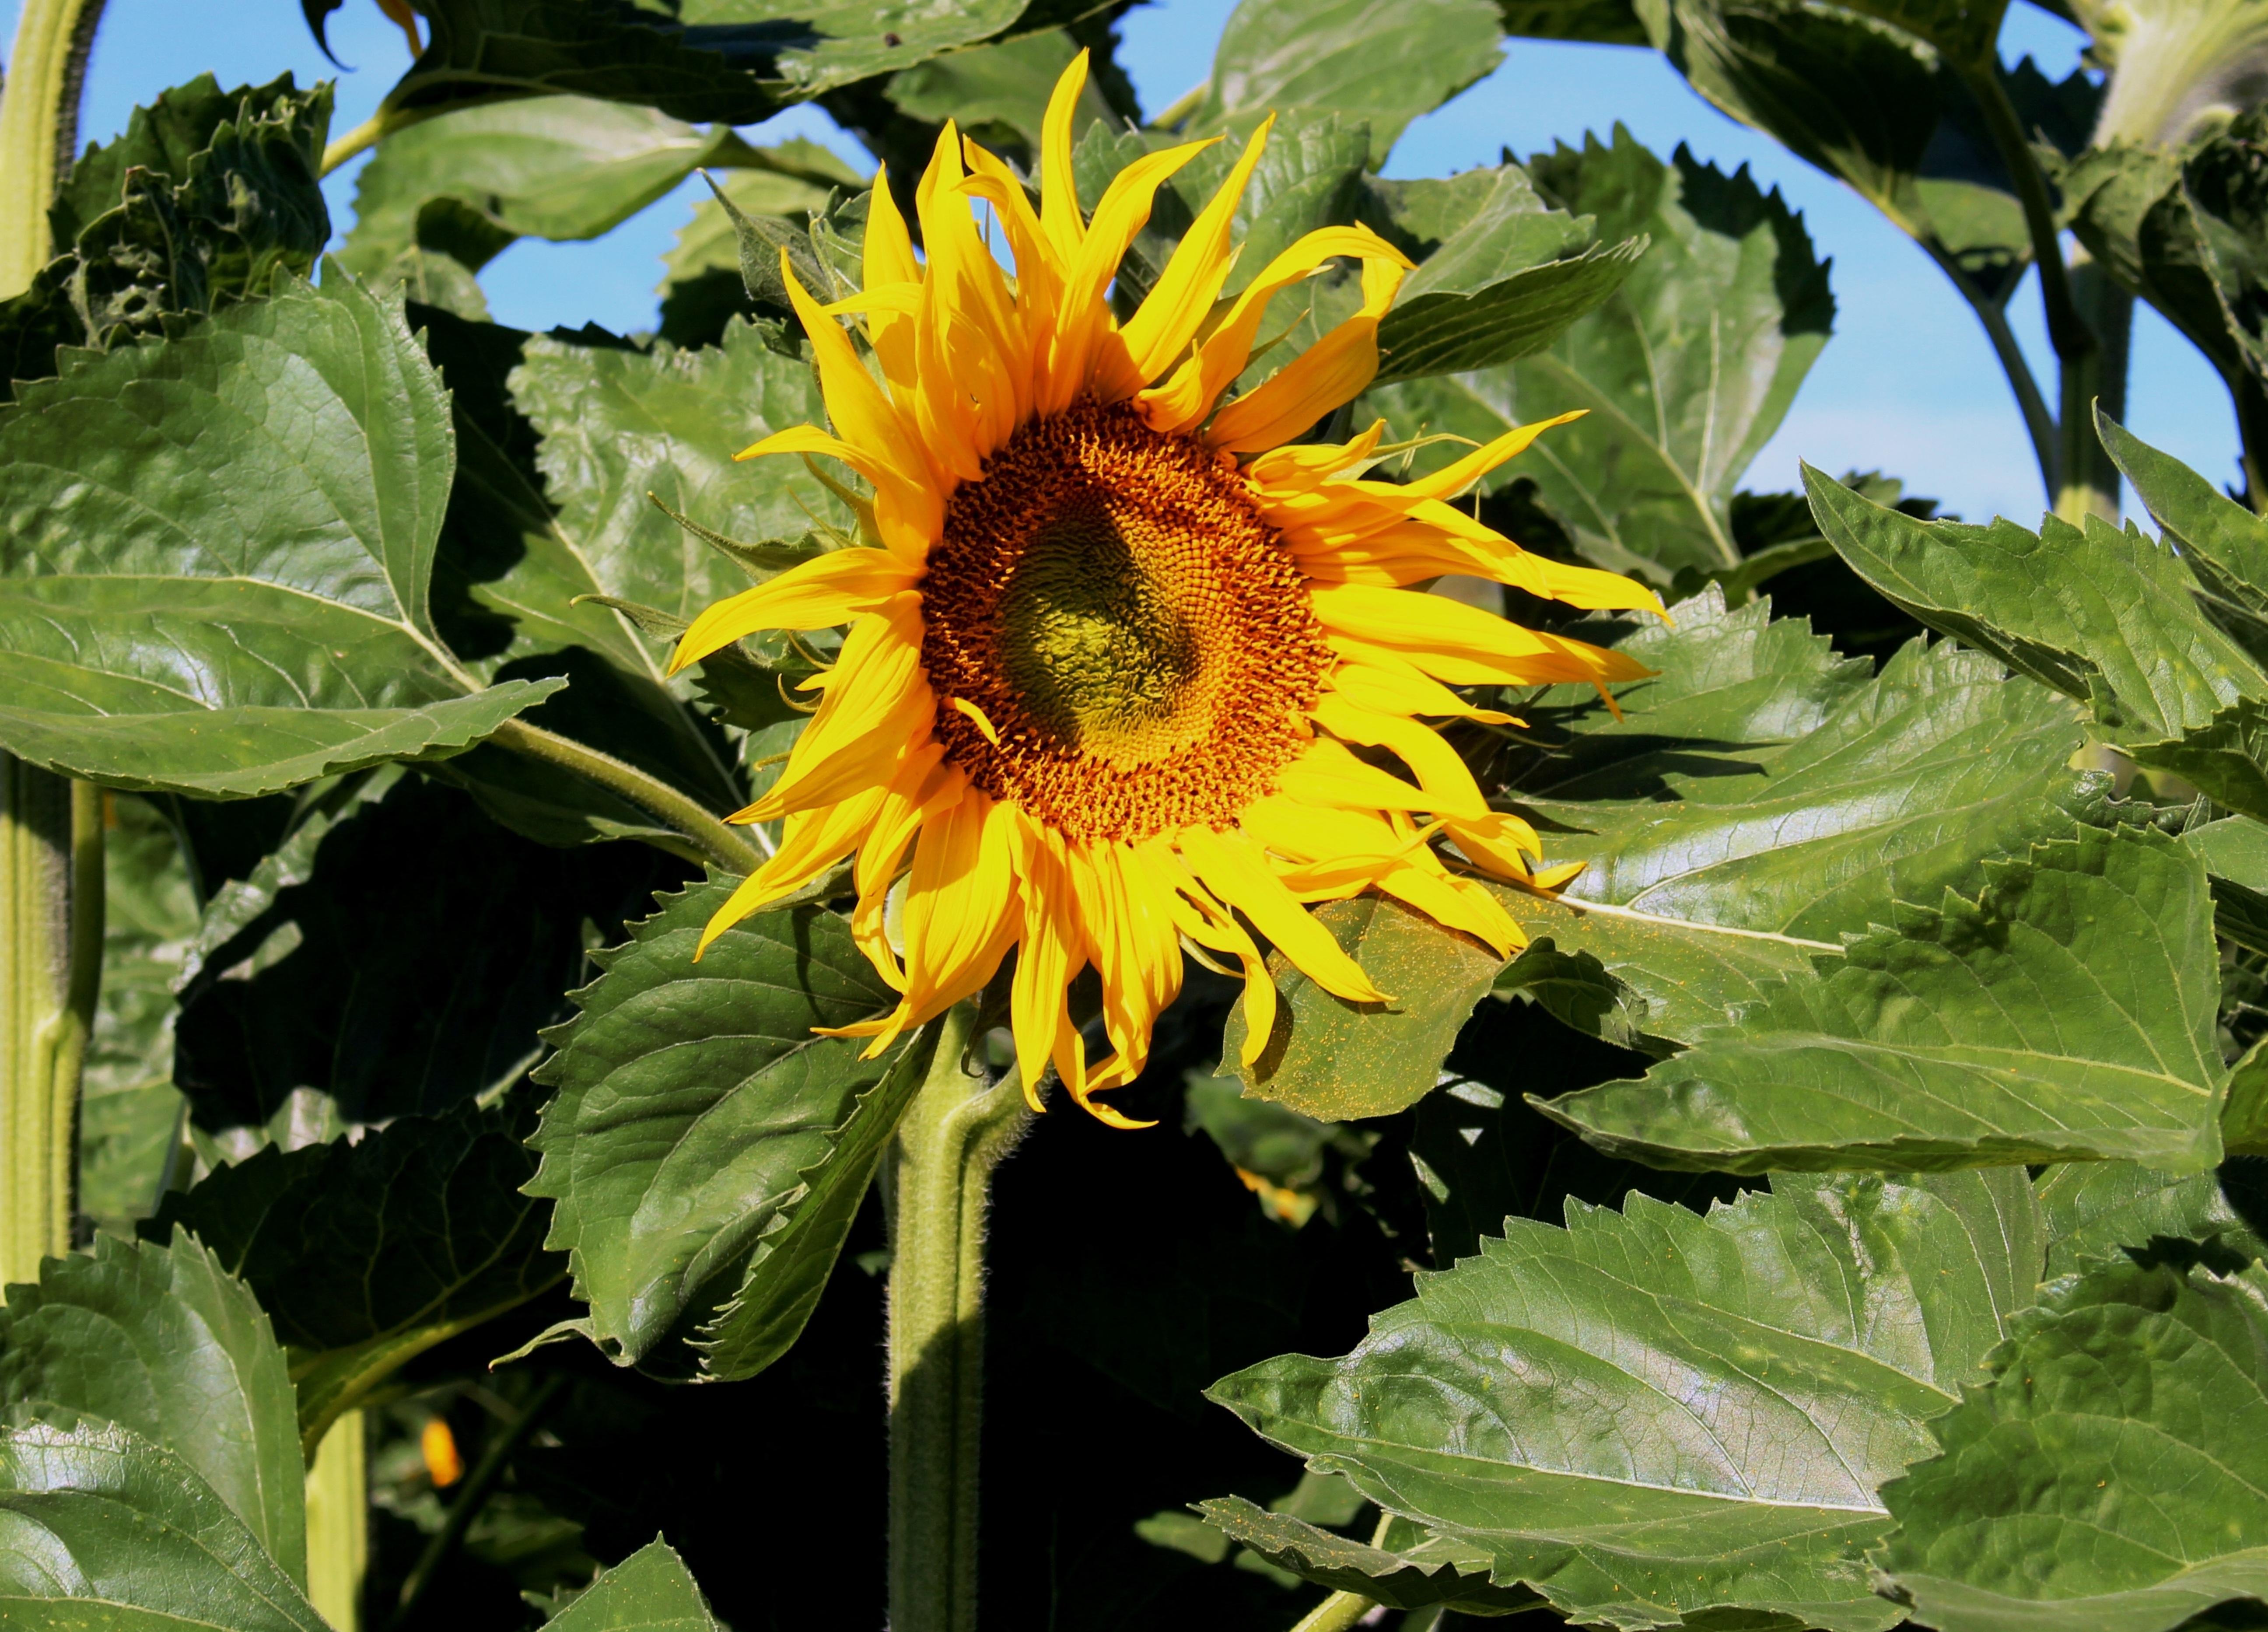 Download 80 Gambar Bunga Matahari Beserta Keterangannya Paling Keren